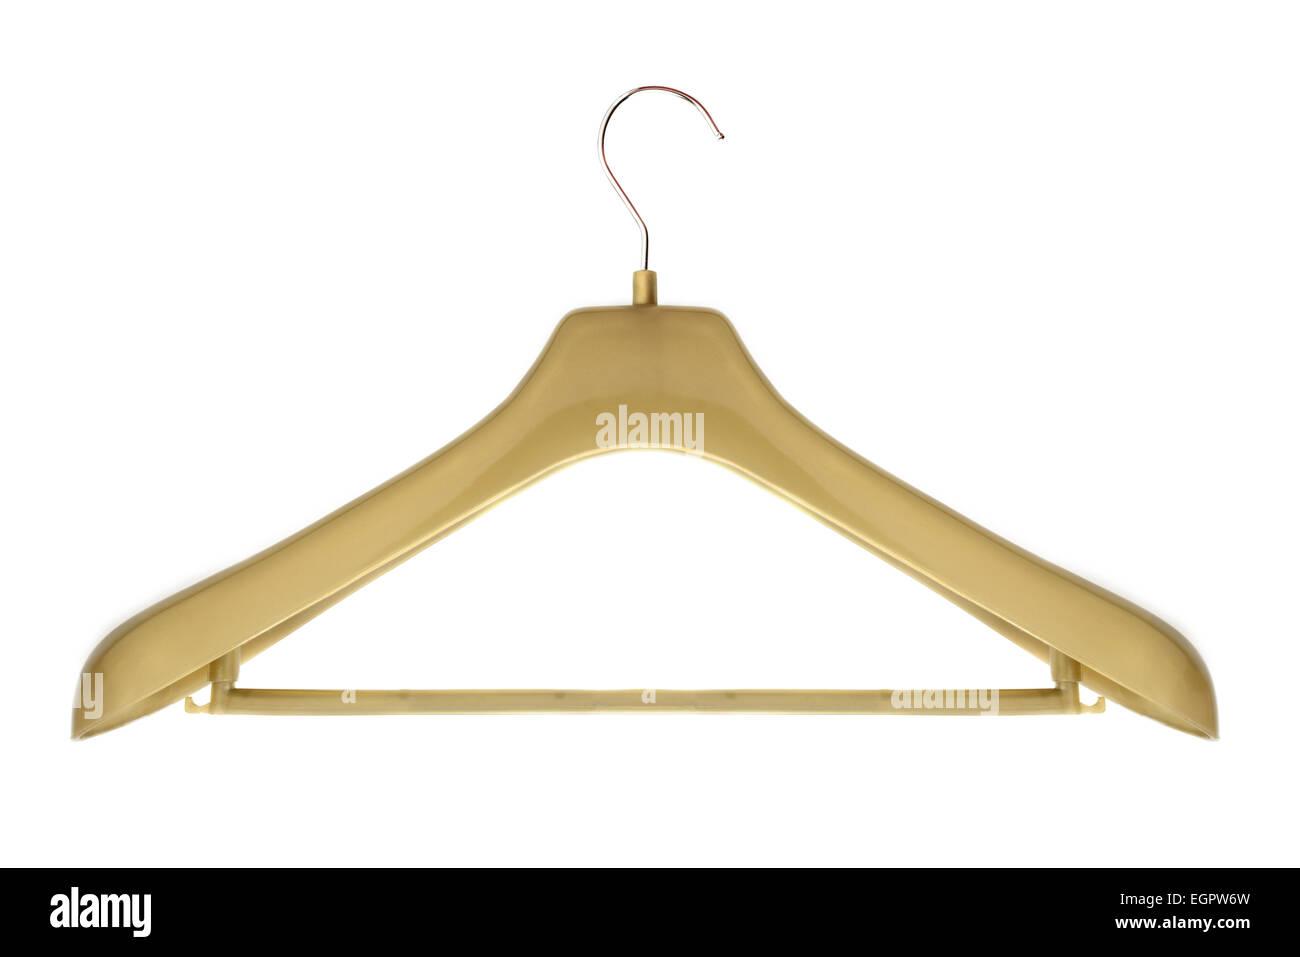 Kunststoff Kleiderbügel isoliert auf weiss Stockbild